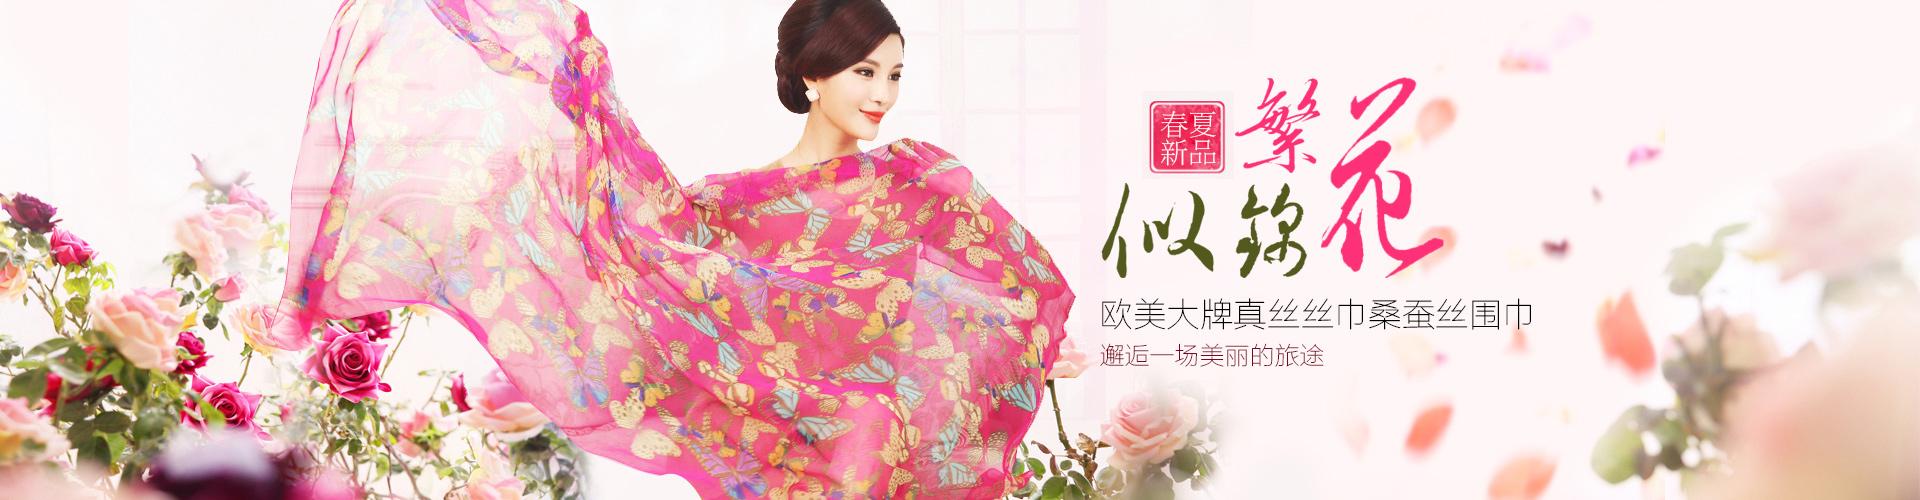 上海故事,一个富有诗性和灵性的品牌,主营服装饰品:丝巾围饰、手袋洋伞等;一经面市,便凭借其独特的品牌调性捕获了无数爱美女性的心。      她诞生于有东方巴黎之称的上海,将老上海的繁华绮丽融入品牌,以特有的方式体现出上海的经典风情。在产品设计上,既结合国际最新时尚风潮,又注重品位,从飘逸光泽的丝巾到雍容华贵的皮草,无一不弥漫着优雅人文知性的风采。在产品的制作上,上海故事精益求精,采用高档纤维、天然桑蚕丝、名贵羊绒、蓝狐毛、银狐毛、水貂毛、滩羊毛、貉子毛等为丝巾、围巾、披肩的原材料,色彩丰富、图案美观